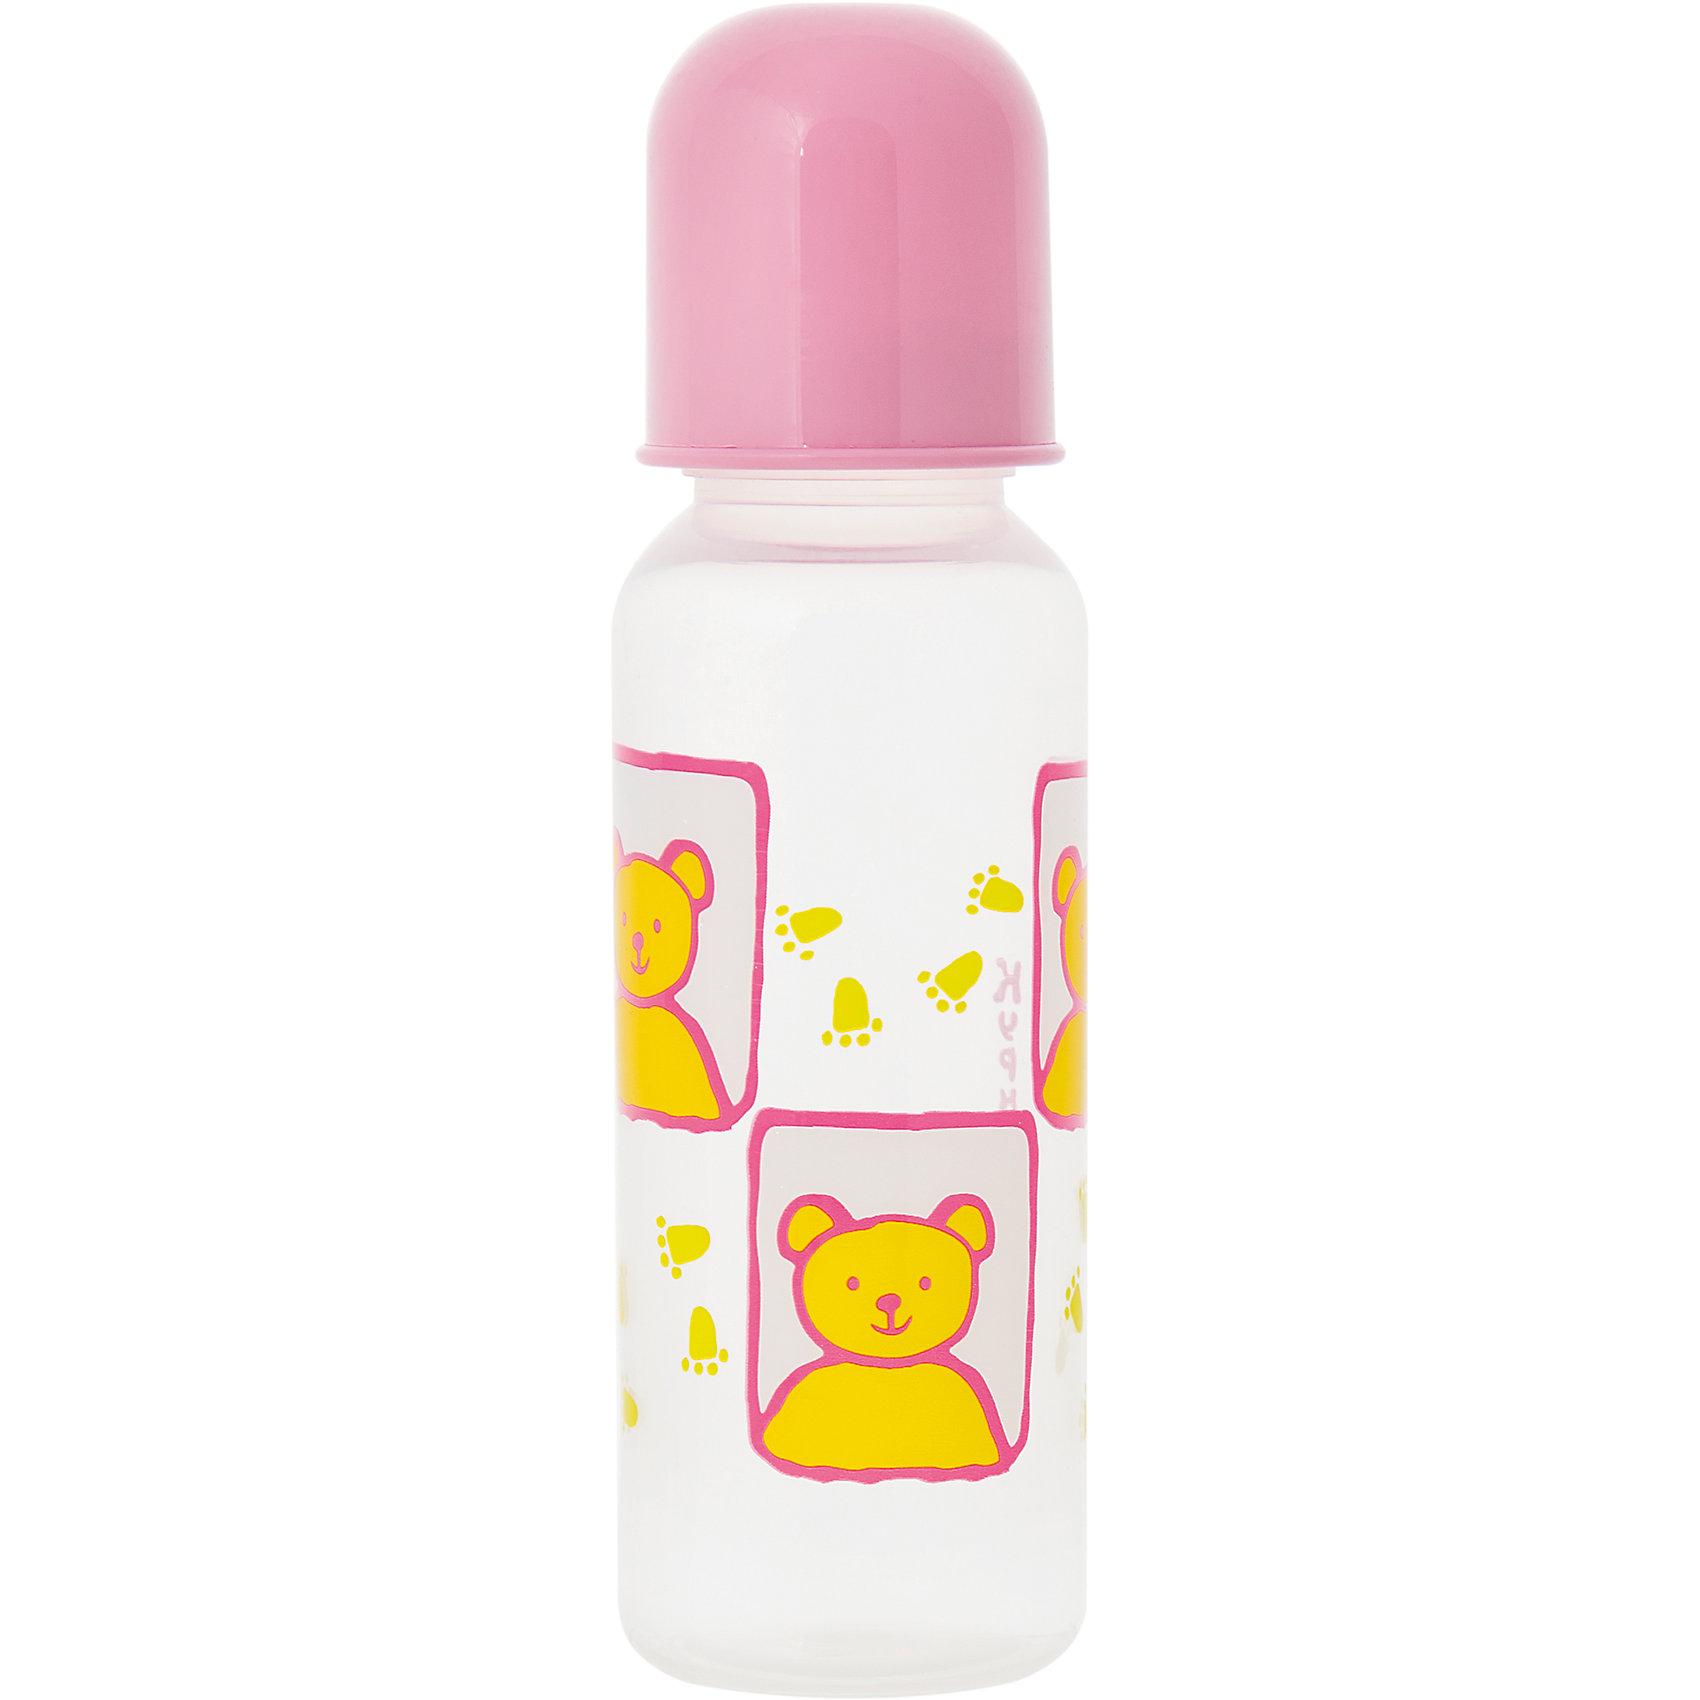 Бутылочка с крышкой и силиконовой соской, 250 мл, Kurnosiki, розовыйХарактеристики:<br><br>• Наименование: бутылка для кормления<br>• Рекомендуемый возраст: от 0 месяцев<br>• Пол: для девочки<br>• Объем: 250 мл<br>• Материал: силикон, пластик<br>• Цвет: розовый, желтый<br>• Рисунок: медвежонок<br>• Форма соски: классическая<br>• Поток у соски: медленный<br>• Комплектация: бутылочка, соска, колпачок<br>• Узкое горлышко<br>• Вес: 90 г<br>• Можно использовать в СВЧ и посудомоечной машине<br>• Особенности ухода: регулярная стерилизация и своевременная замена соски<br><br>Бутылочка с крышкой и силиконовой соской, 250 мл, Kurnosiki, розовый выполнена из прочного и термостойкого пластика, на котором не появляются царапины и сколы. У бутылочки узкое горлышко. Силиконовая соска классической формы, не имеет цвета и запаха, обладает повышенными гипоаллергенными свойствами. <br><br>Изделие выполнено в стильном дизайне: на бутылочку нанесено брендовое изображение медвежонка. Рисунок устойчив к выцветанию и истиранию. Бутылочка с крышкой и силиконовой соской, 250 мл, Kurnosiki, розовый – это практичный и стильный предмет для кормления малыша!<br><br>Бутылочку с крышкой и силиконовой соской, 250 мл, Kurnosiki, розовый можно купить в нашем интернет-магазине.<br><br>Ширина мм: 55<br>Глубина мм: 75<br>Высота мм: 210<br>Вес г: 78<br>Возраст от месяцев: 0<br>Возраст до месяцев: 18<br>Пол: Женский<br>Возраст: Детский<br>SKU: 5428793